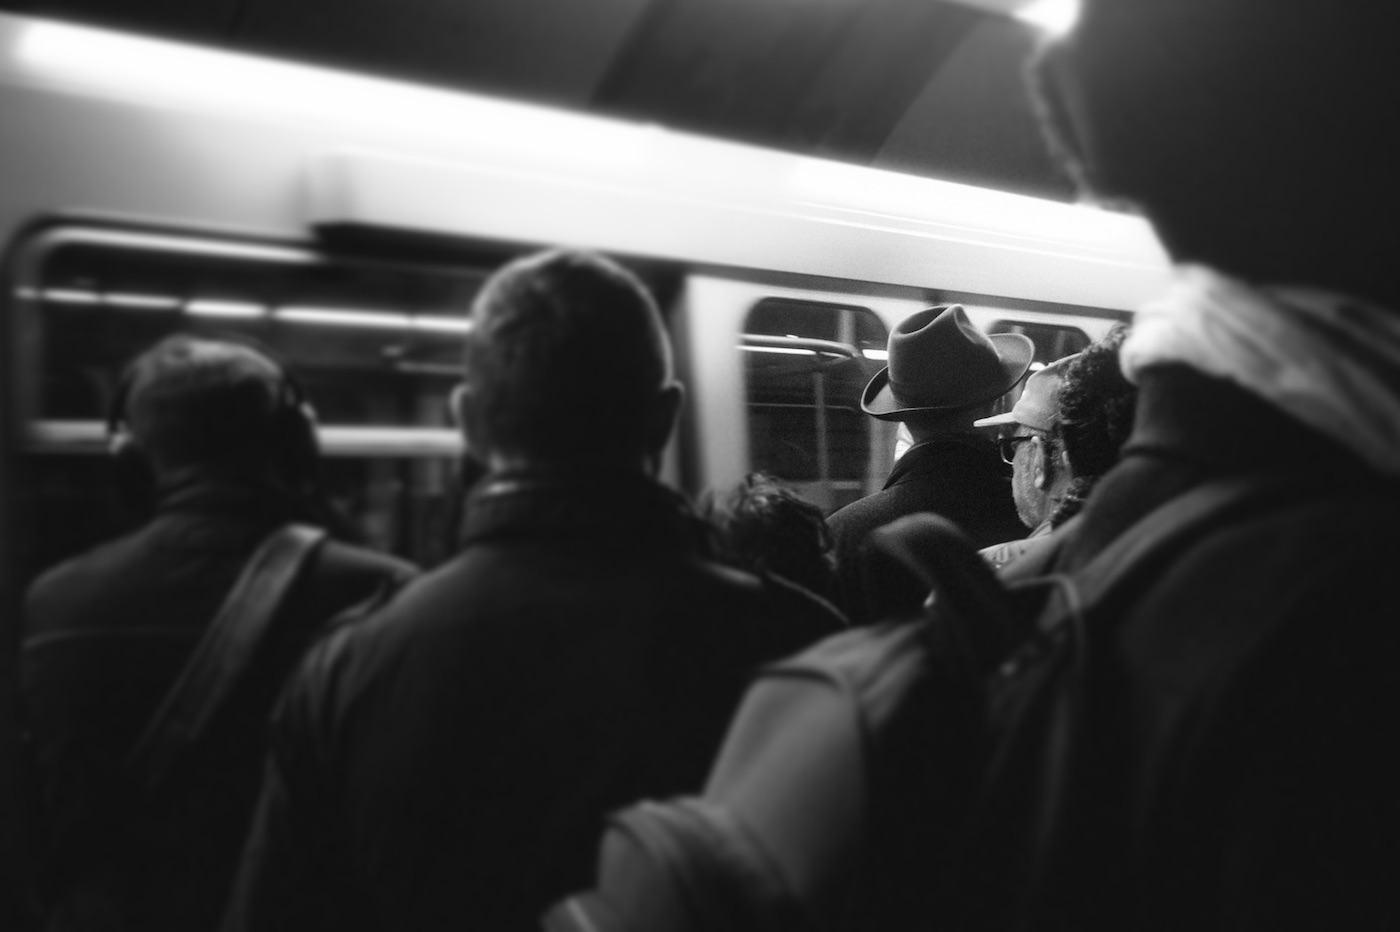 Nouveau : Google Maps prédit l'affluence dans le métro et le bus 1